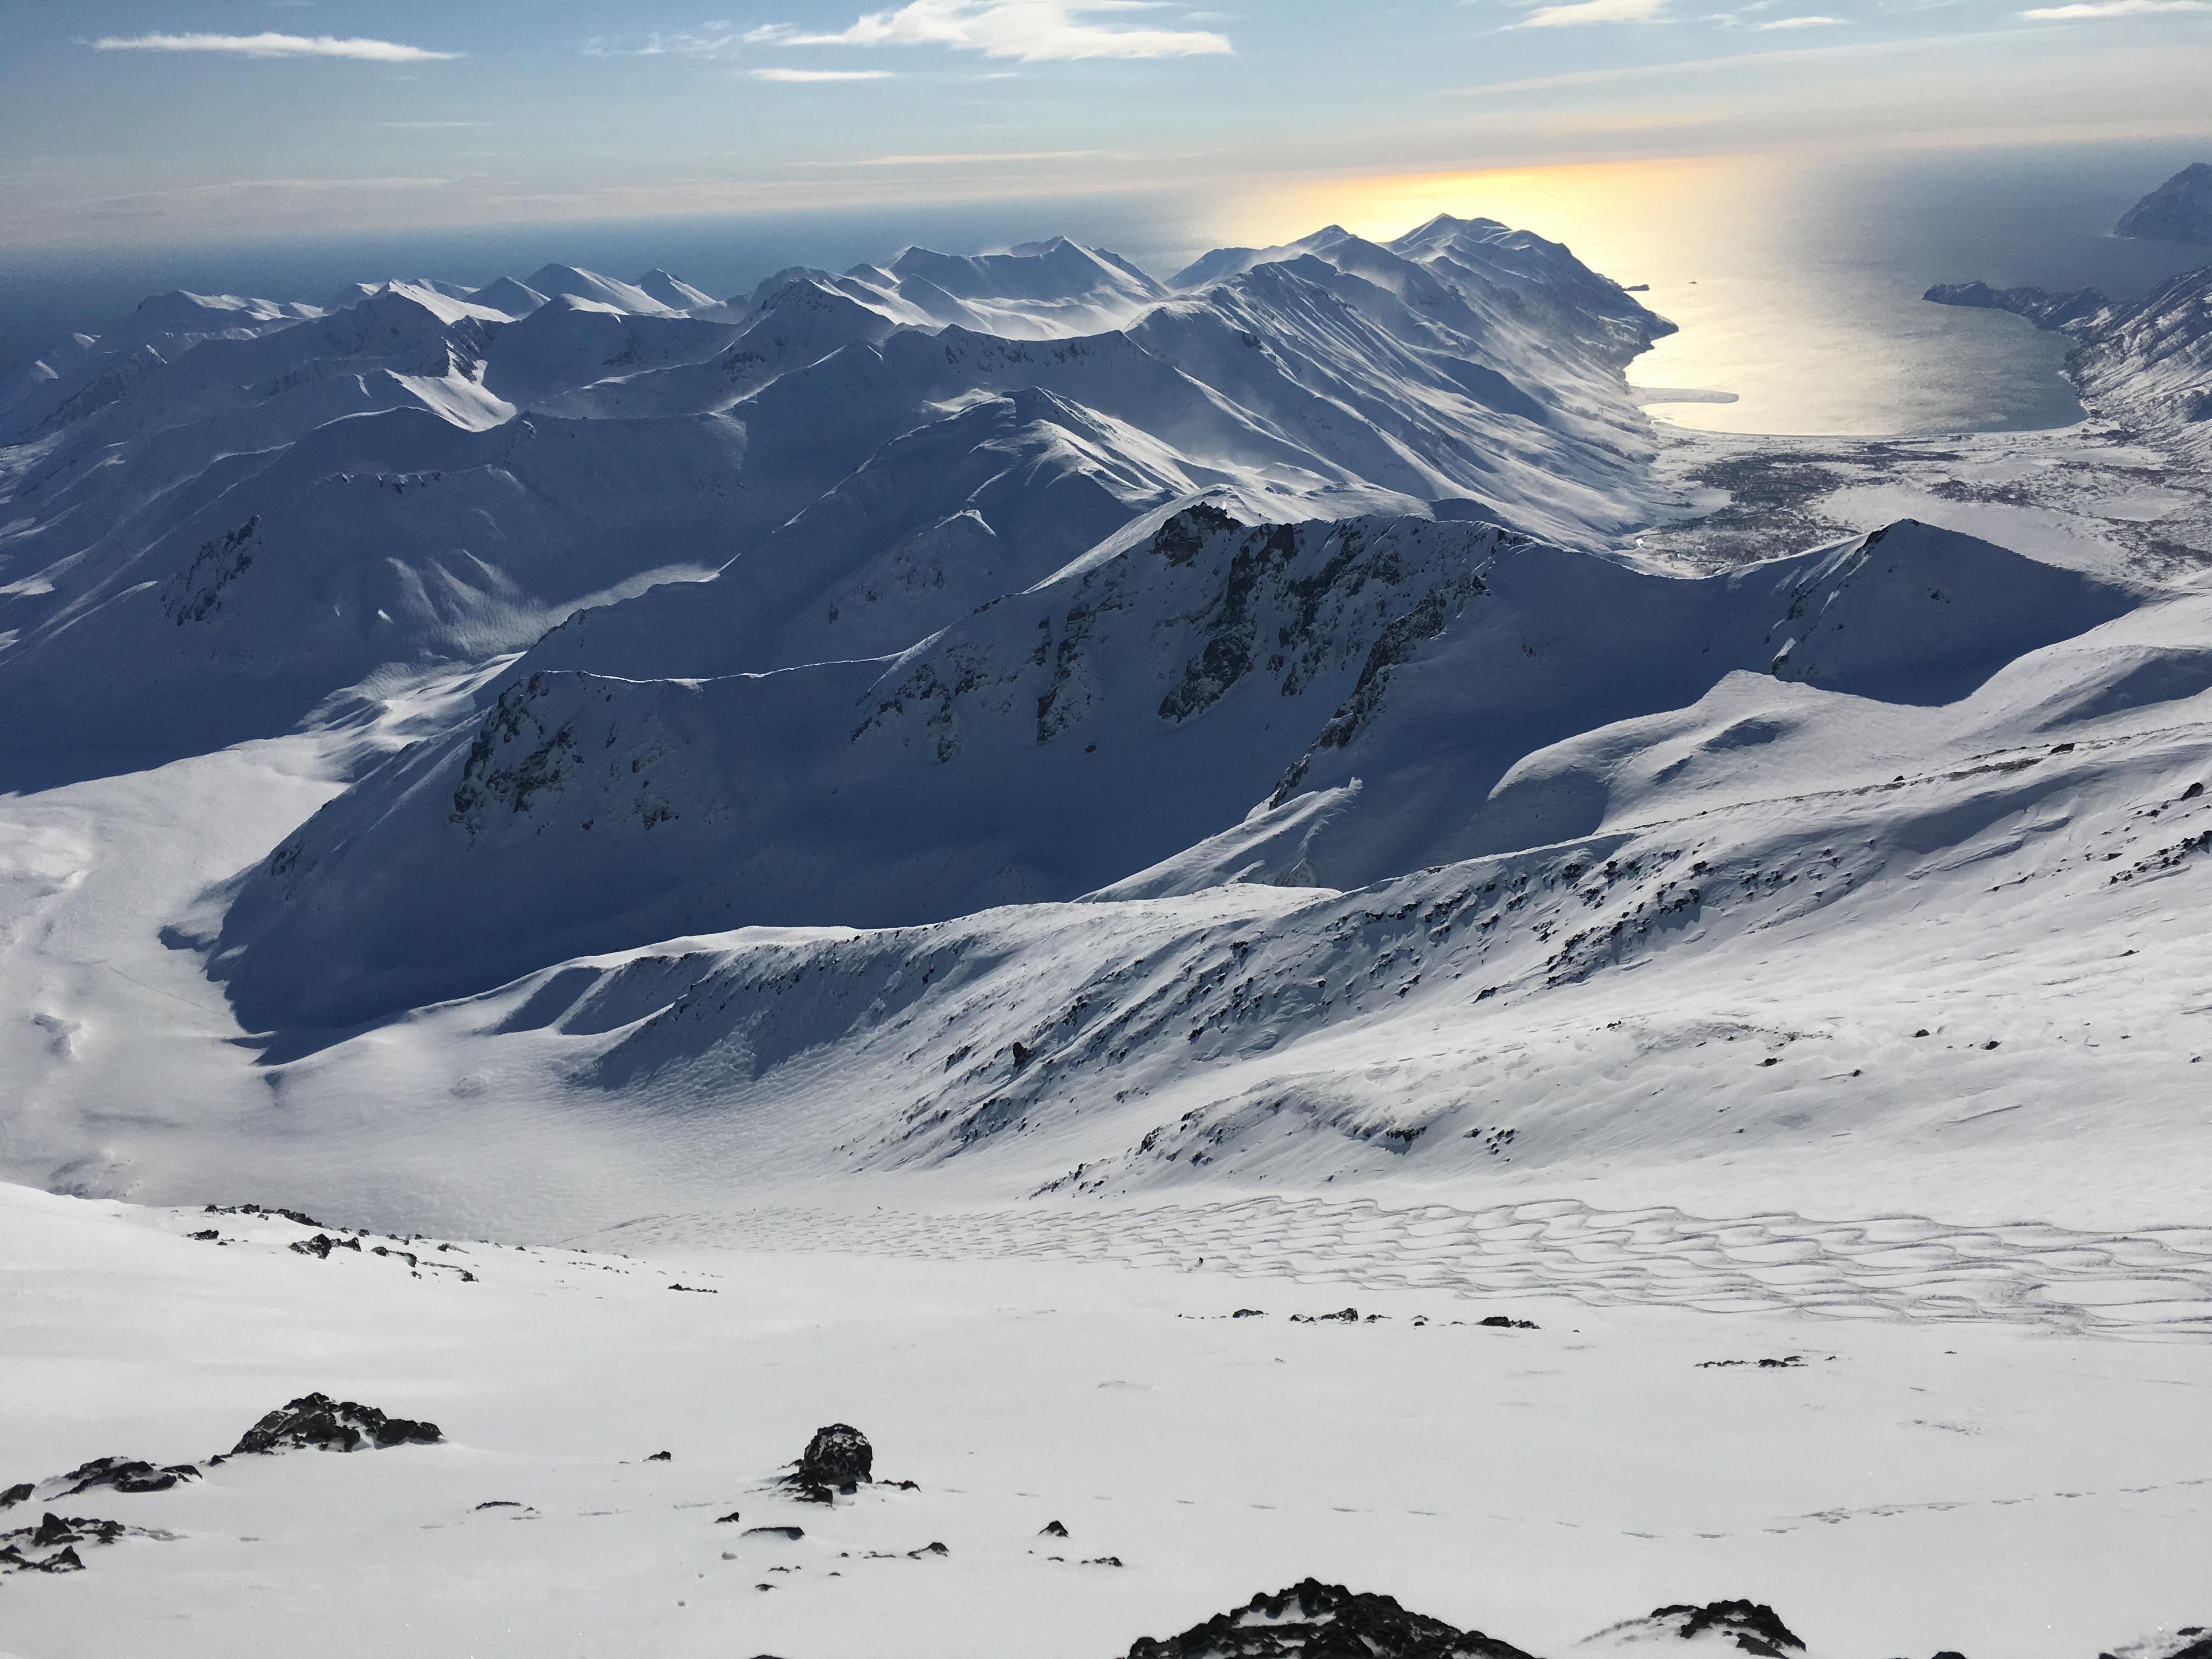 heliski volcanos chile argentina kamchatka